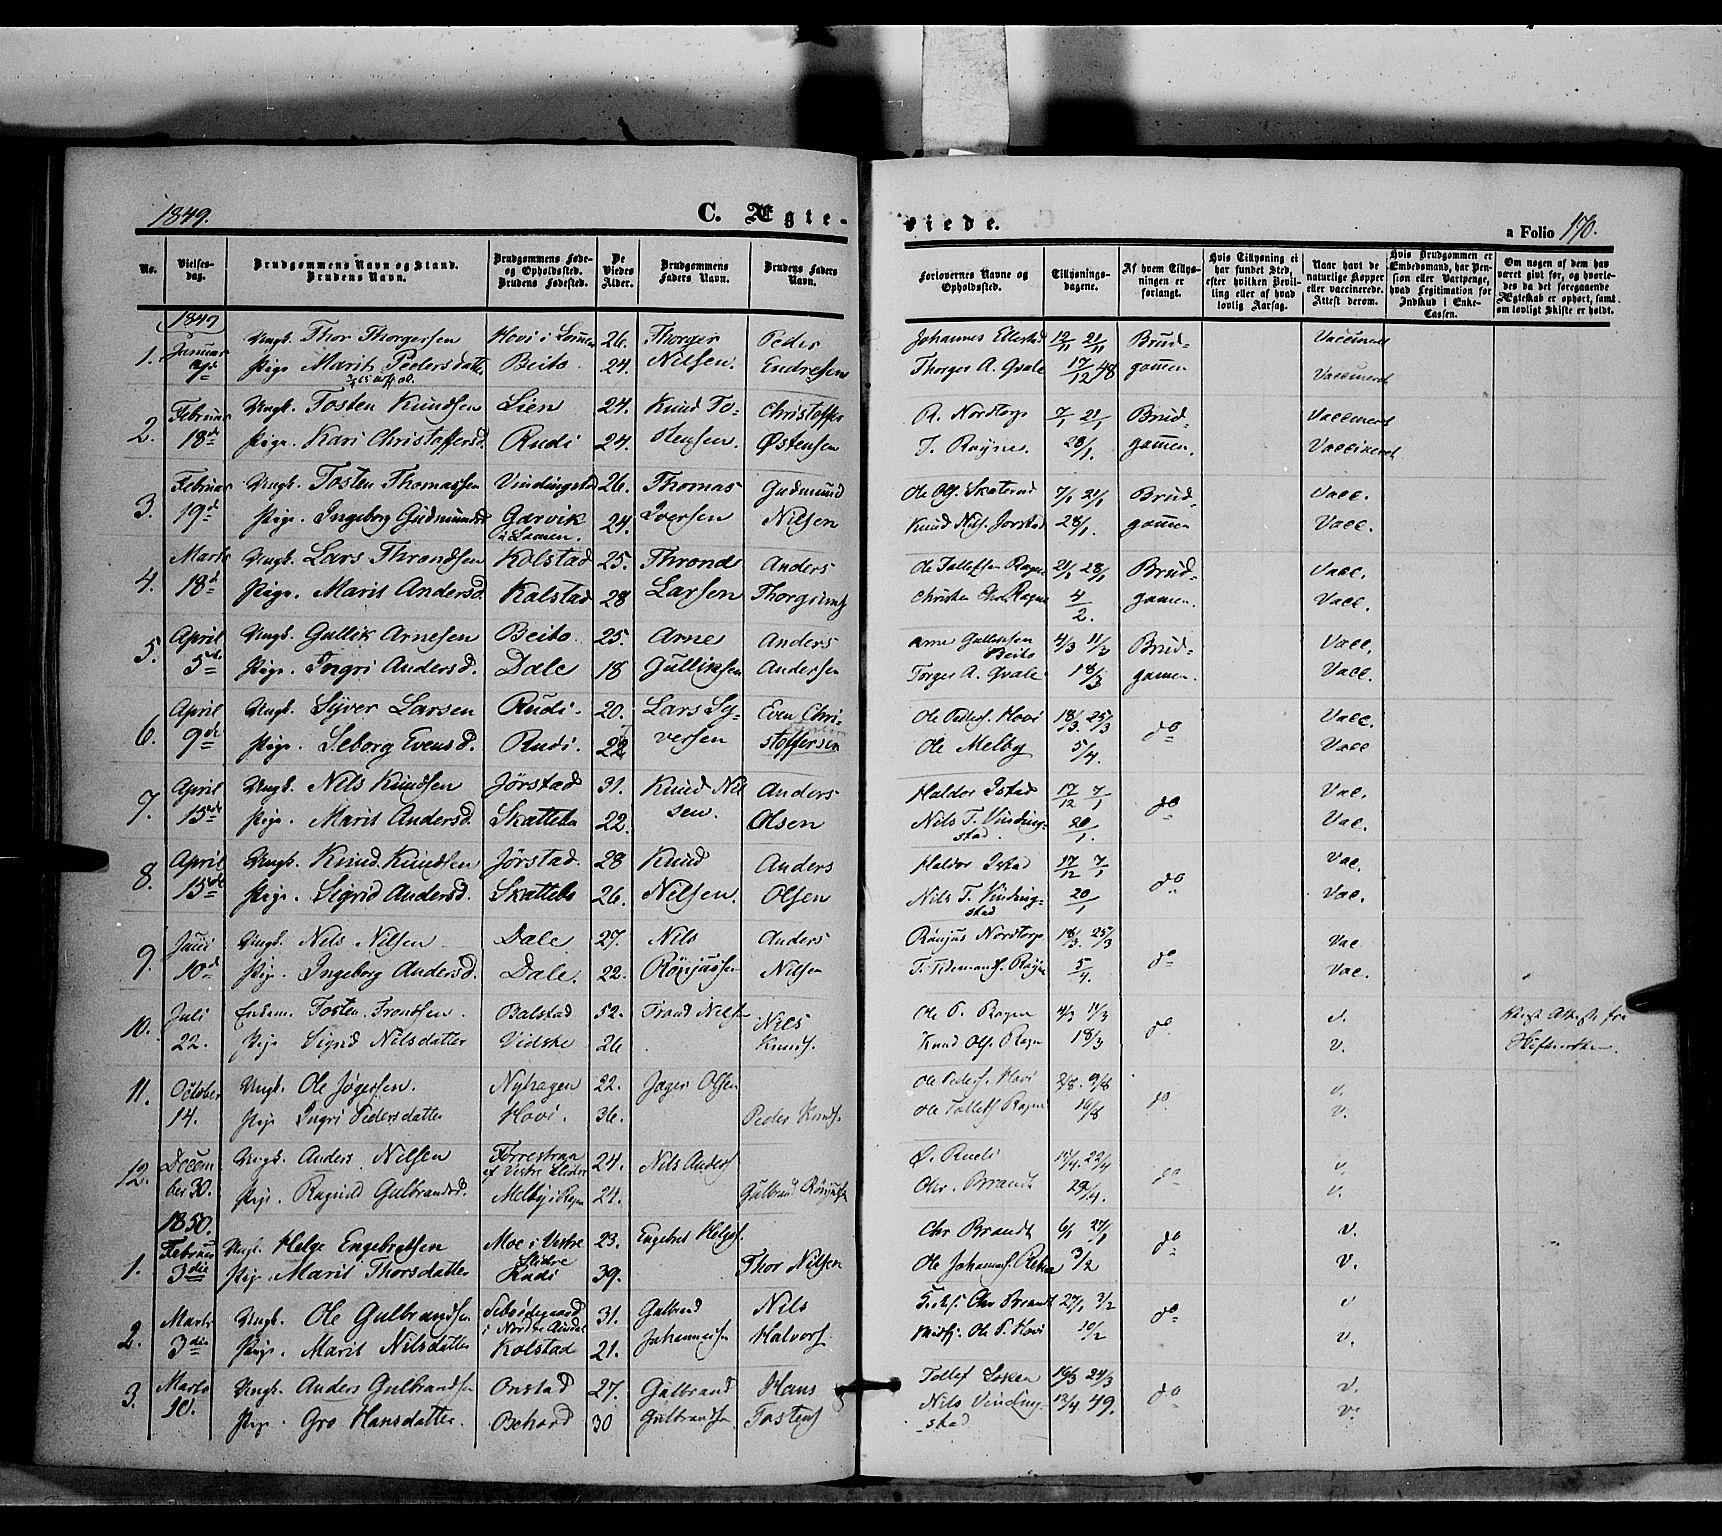 SAH, Øystre Slidre prestekontor, Ministerialbok nr. 1, 1849-1874, s. 170